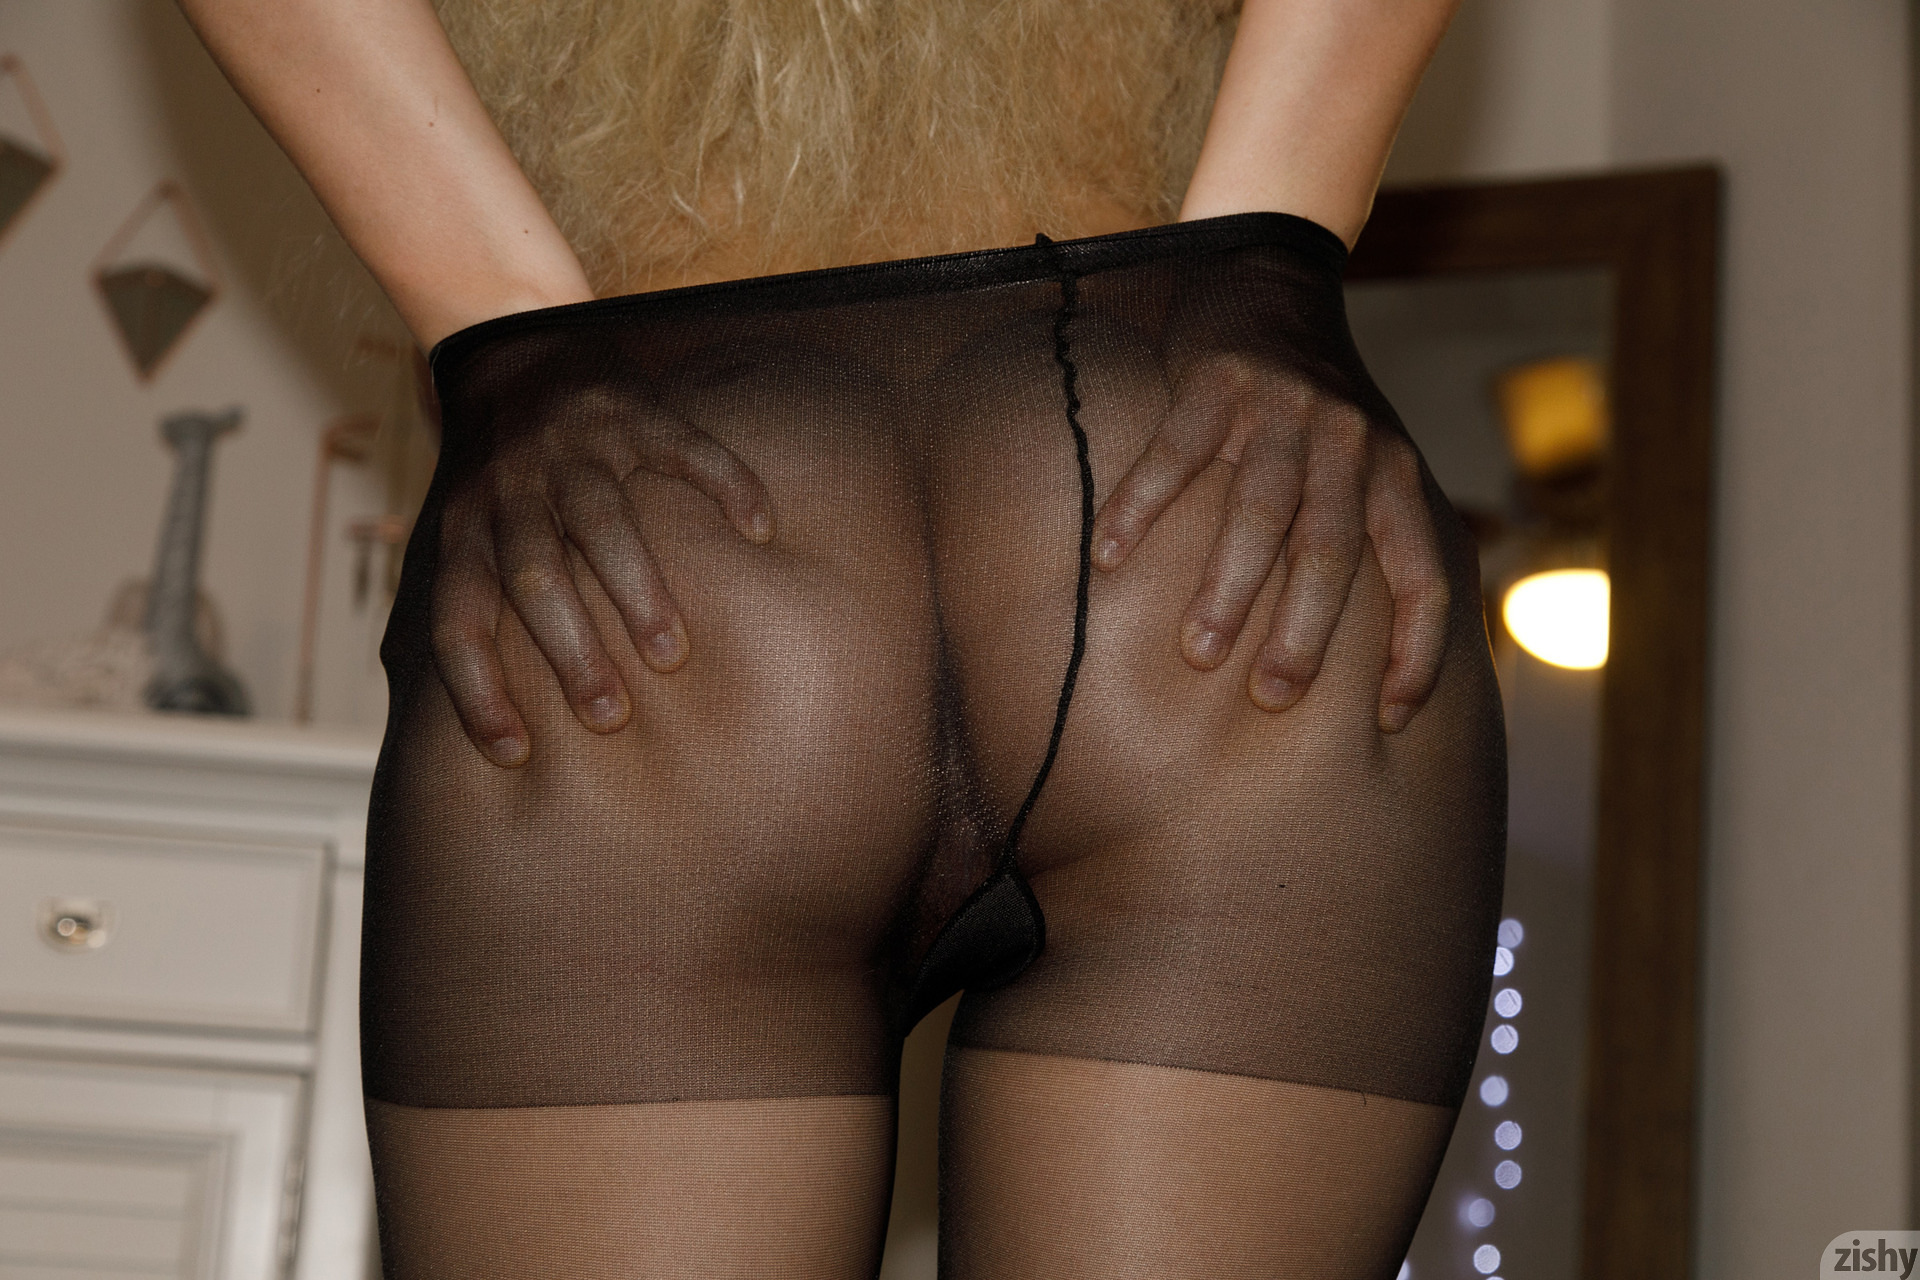 Sabrina Nichole Wigging Out Zishy (22)